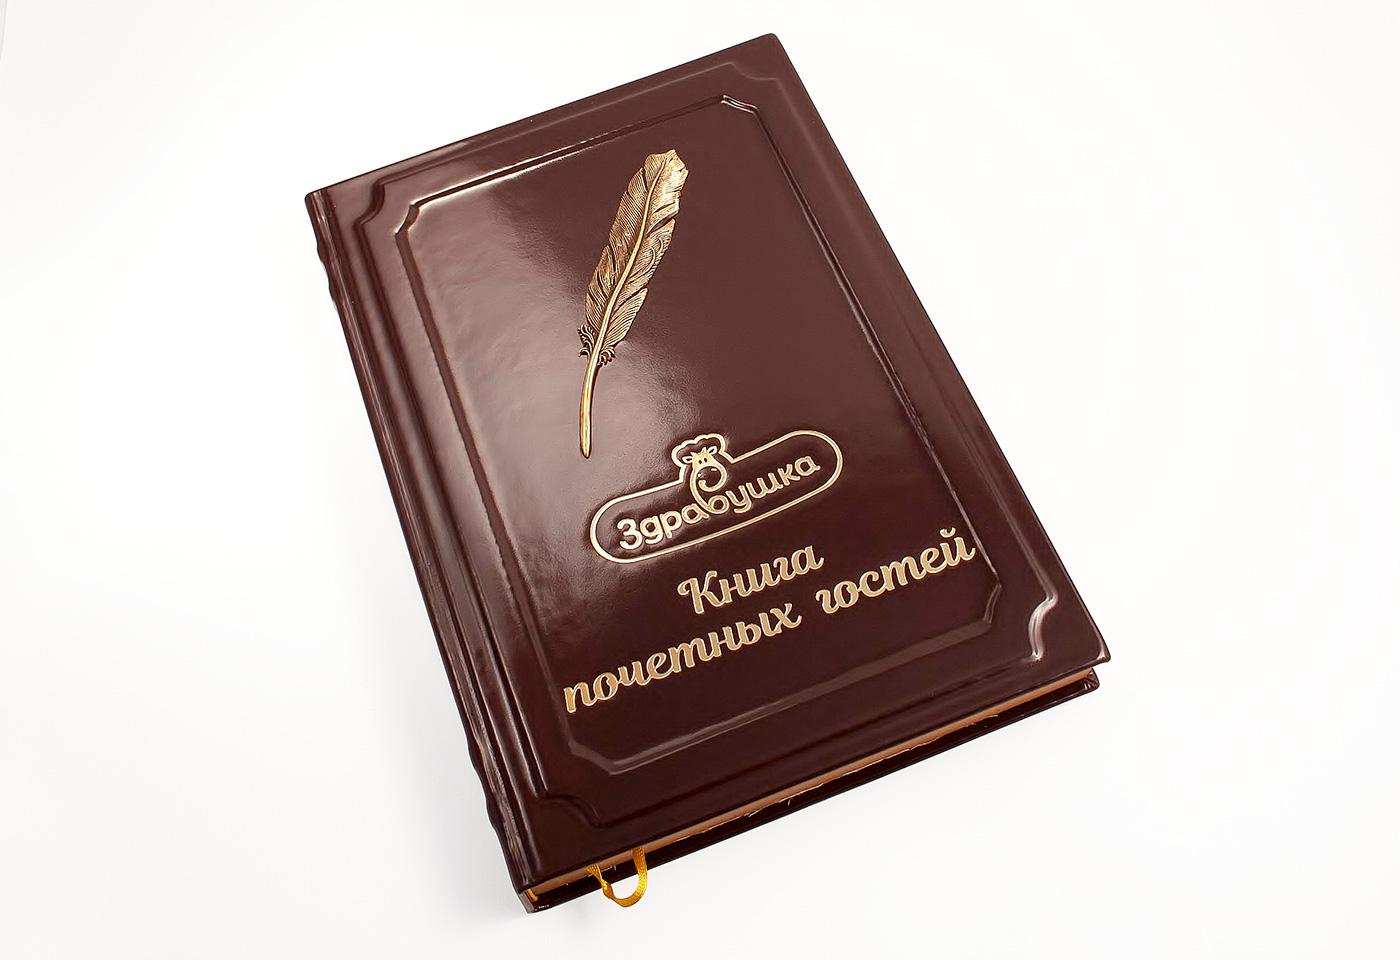 Здравушка-милк - Книга почётных гостей